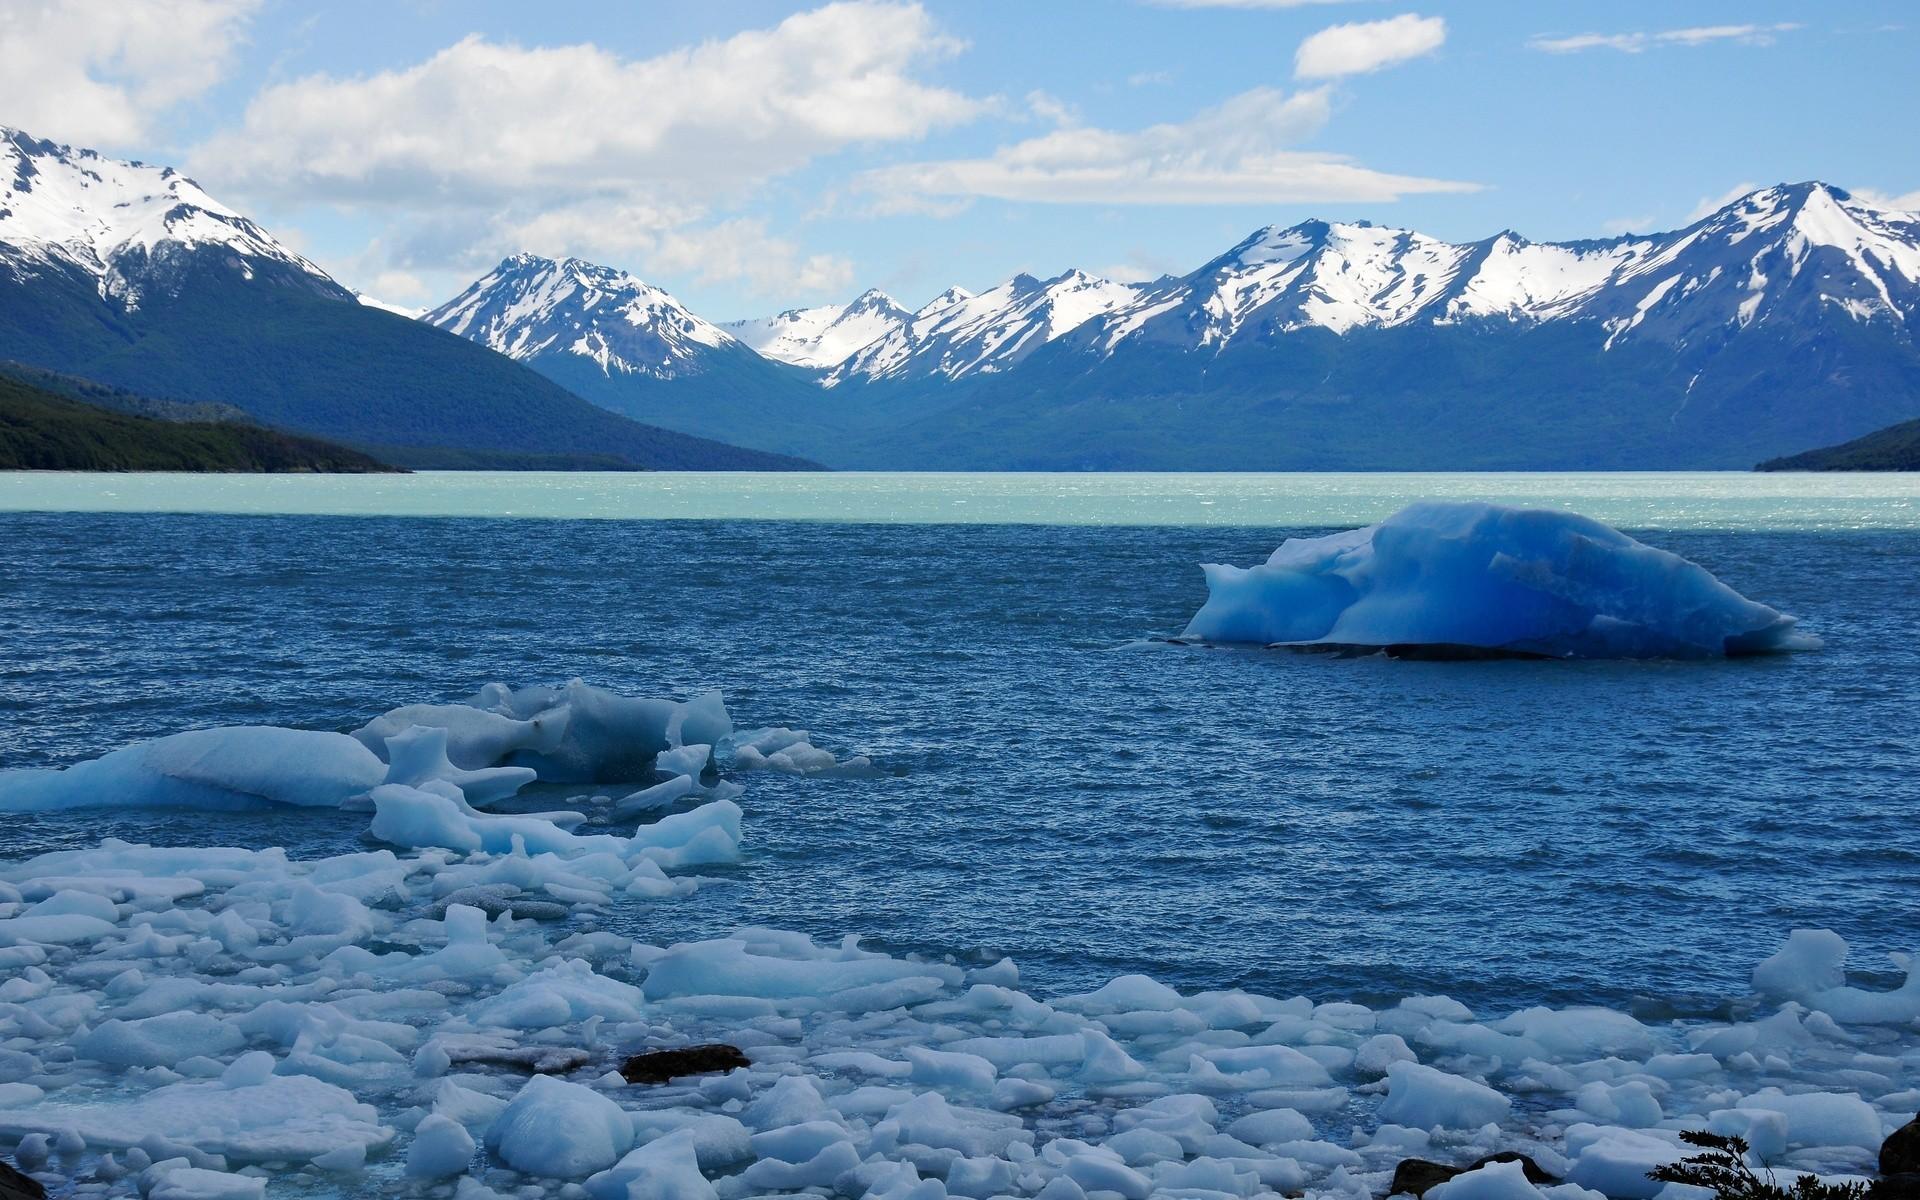 красивые картины арктики фото них